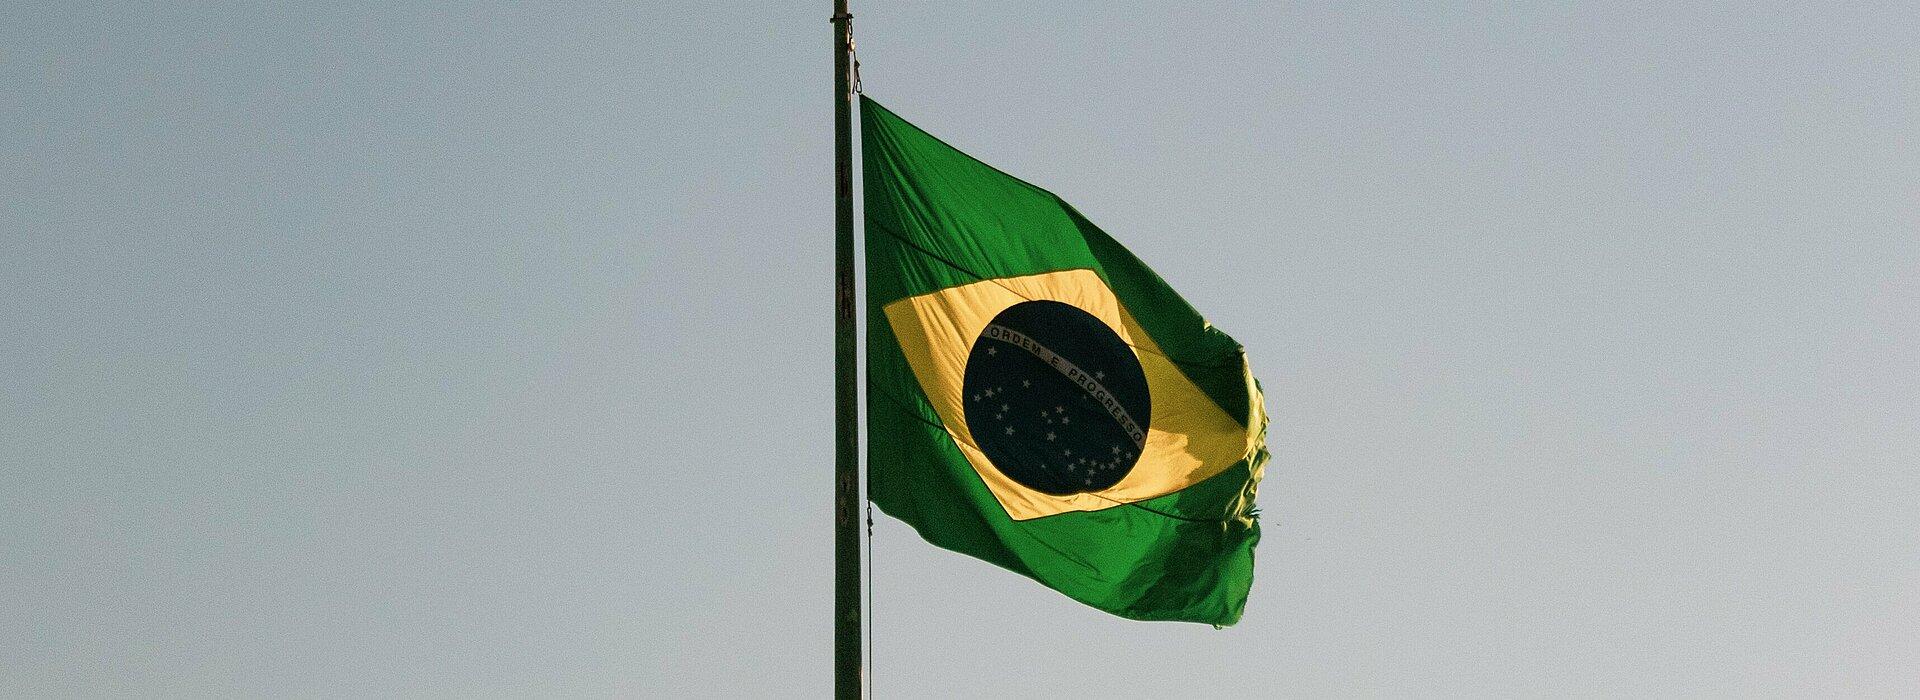 Bandeira do Brasil contra um céu de fim de tarde